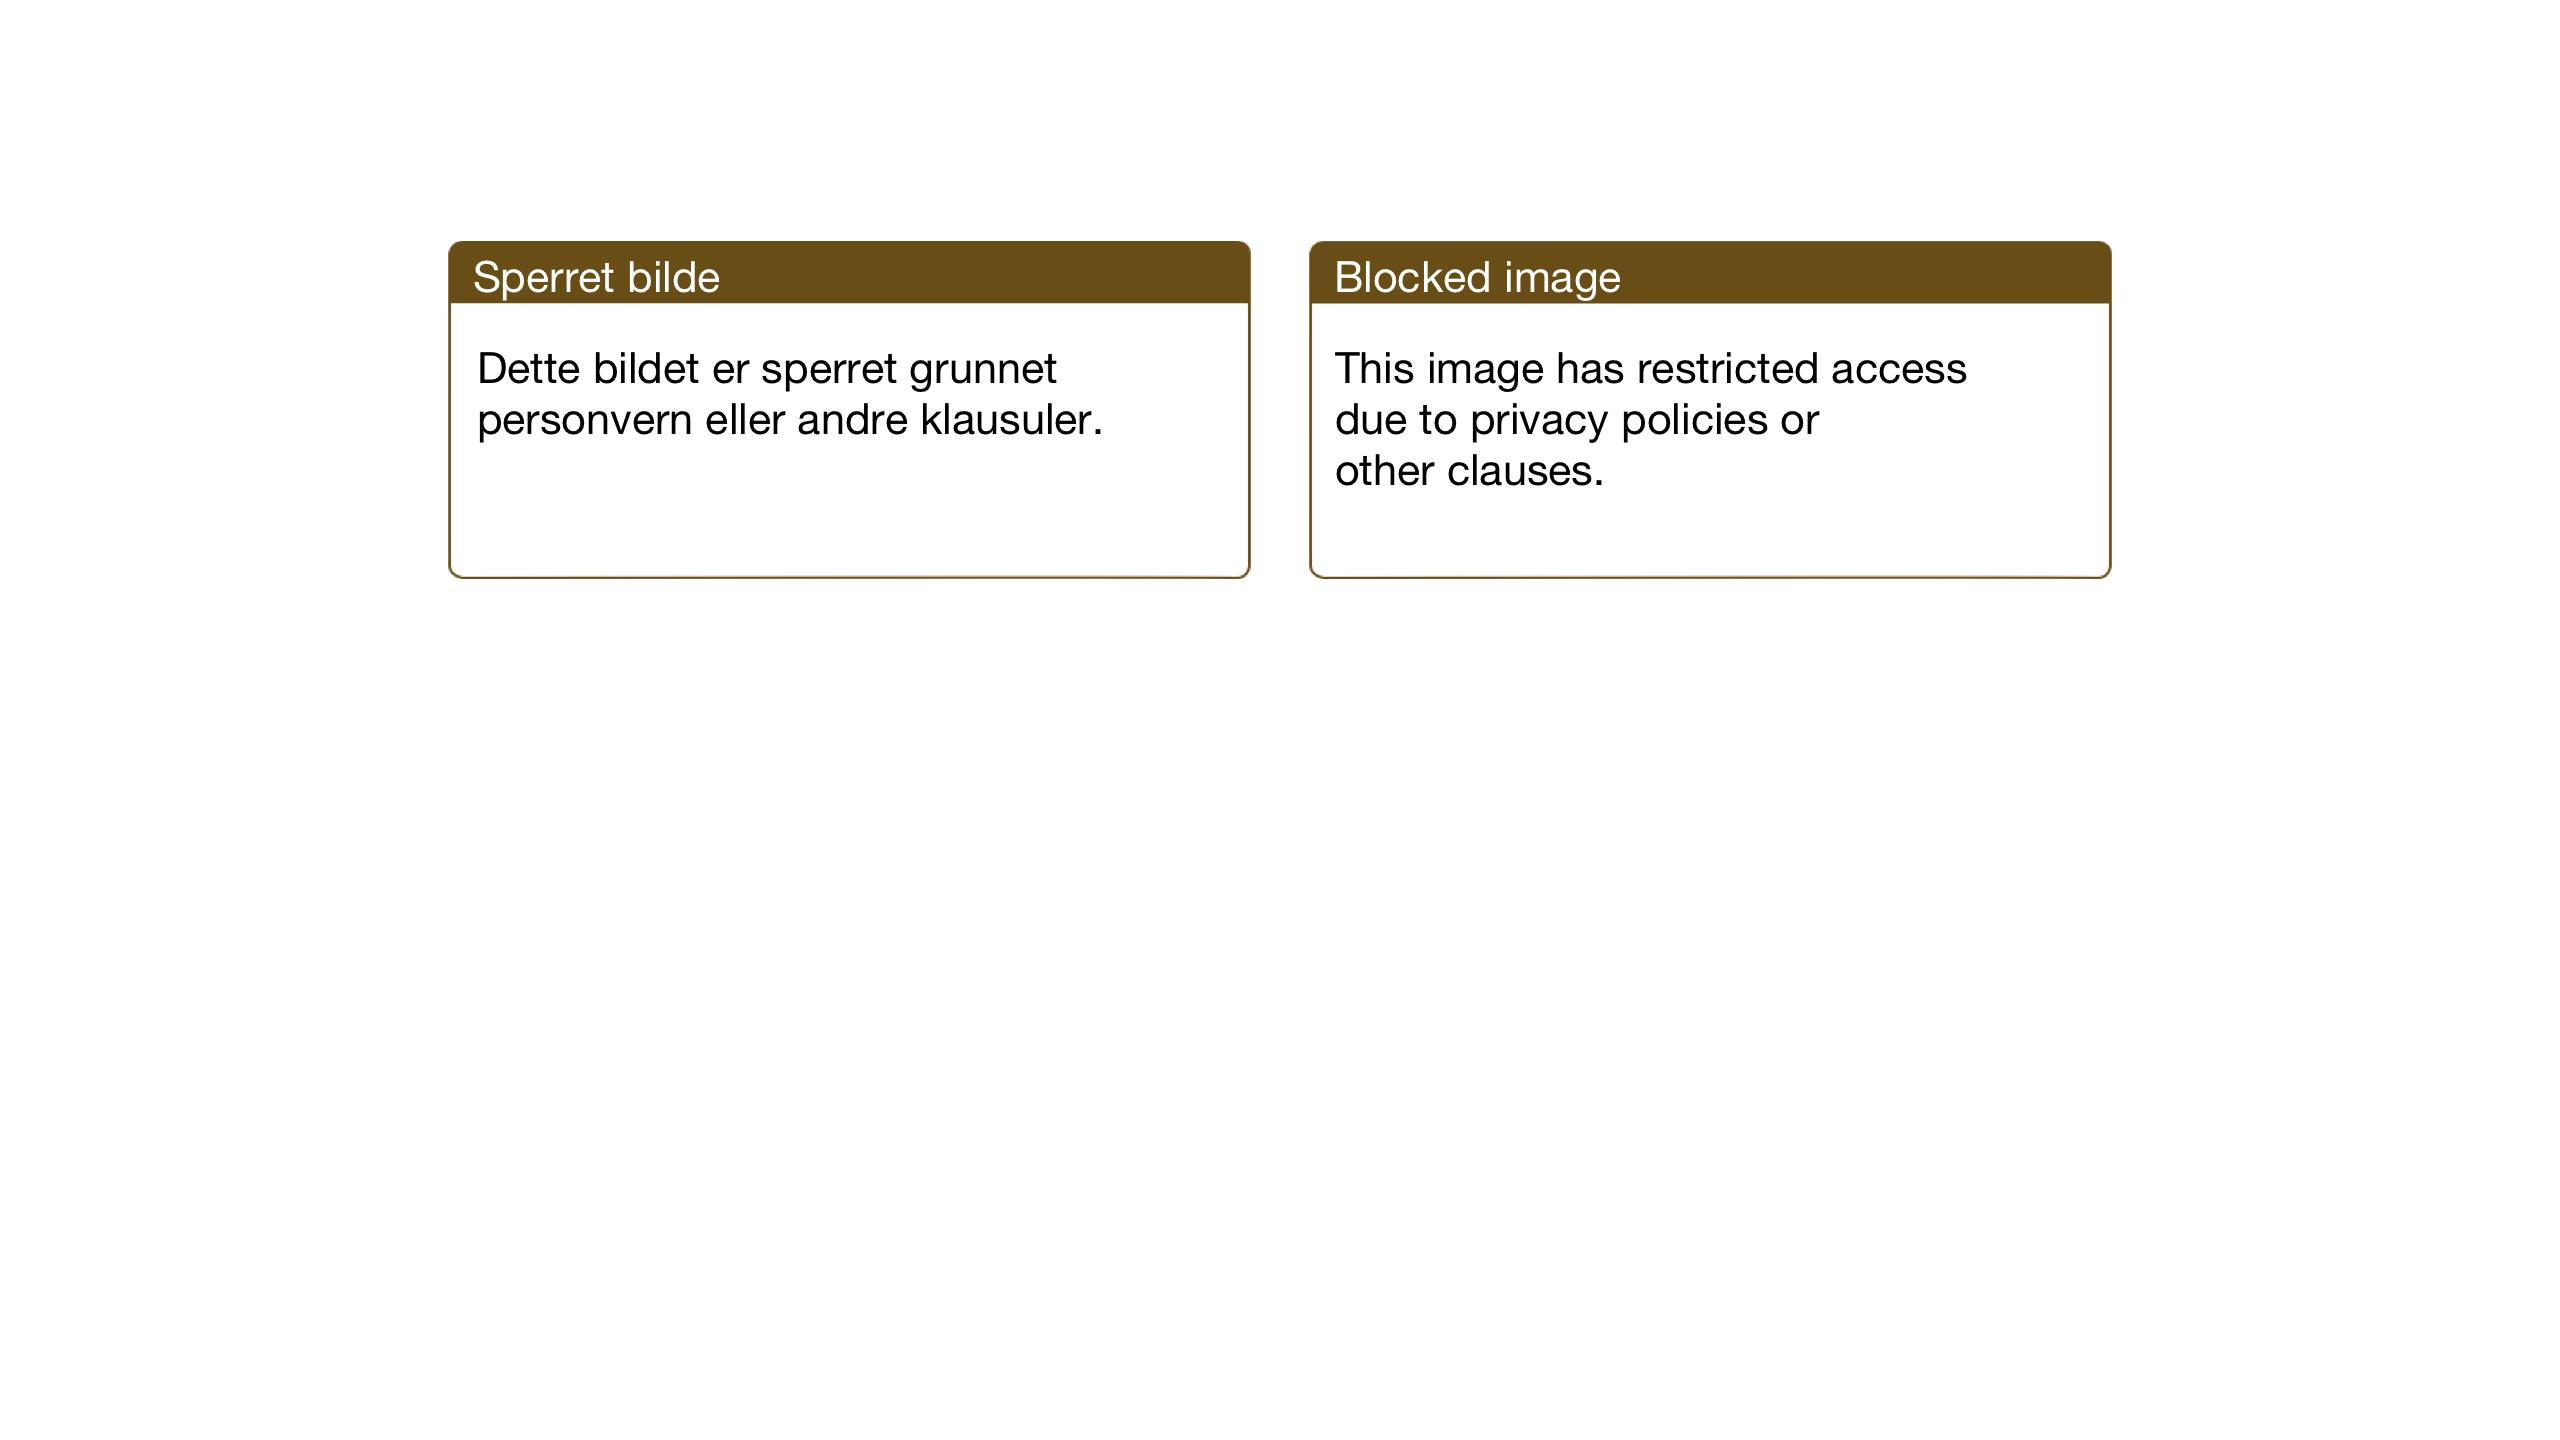 SAT, Ministerialprotokoller, klokkerbøker og fødselsregistre - Sør-Trøndelag, 657/L0718: Klokkerbok nr. 657C05, 1923-1948, s. 67